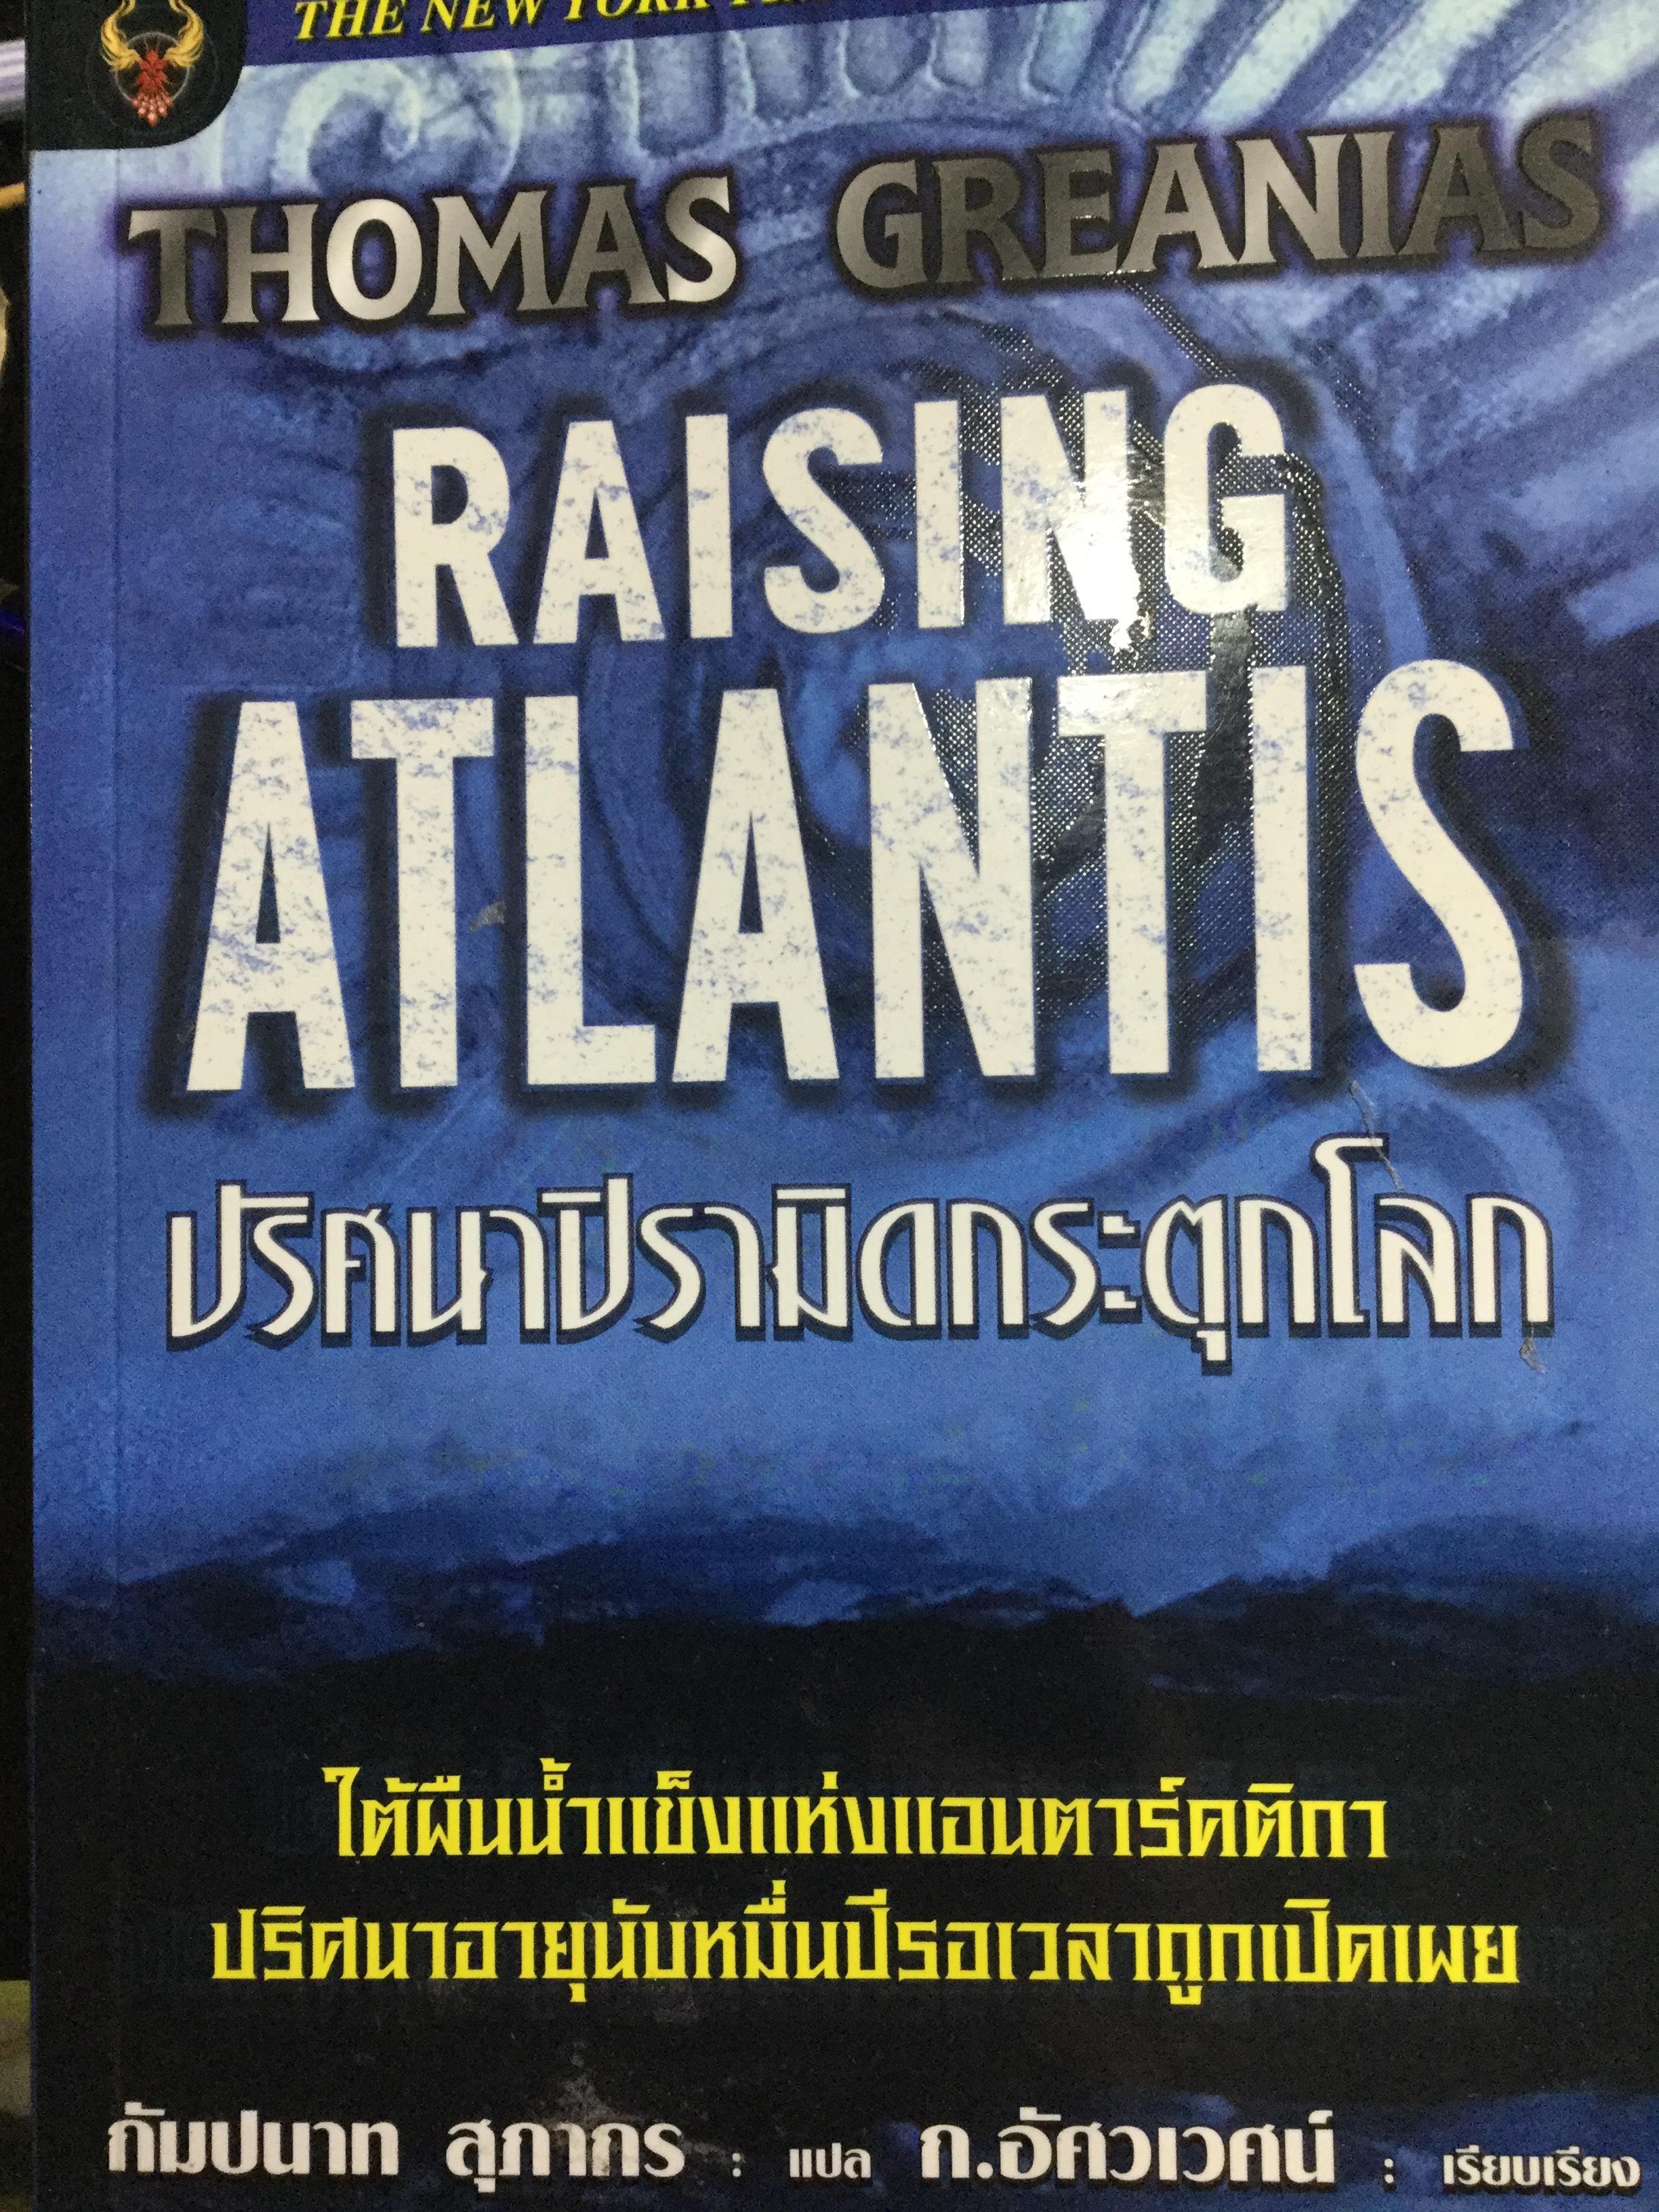 ปริศนาปีรามิดกระตุกโลก RAISING ATLANTIS ใต้ผืนน้ำแข็งแห่งแอนตาร์กติกา ปริศนาอายุนับหมื่นปีรอเวลาถูกเปิดเผย ผู้เขียน Thomas Greanias